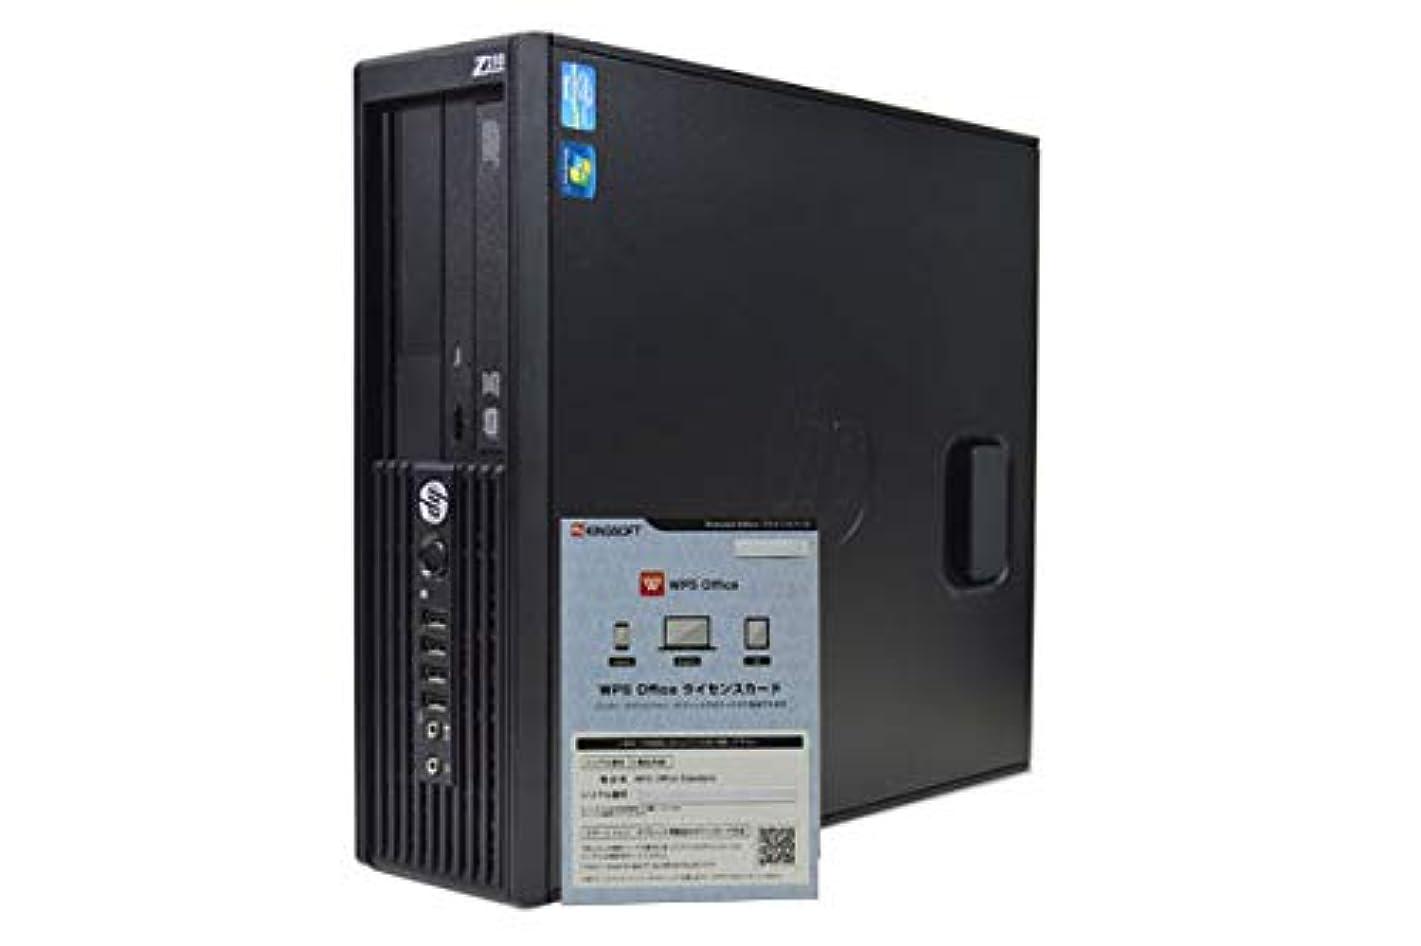 助言月曜日エンジニアデスクトップパソコン 【WPS OFFICE搭載】 HP Z210 SFF Workstation Xeon E3 1270 /8GB/1TB/DVDマルチ/NVIDIA Quadro 600/Windows 7